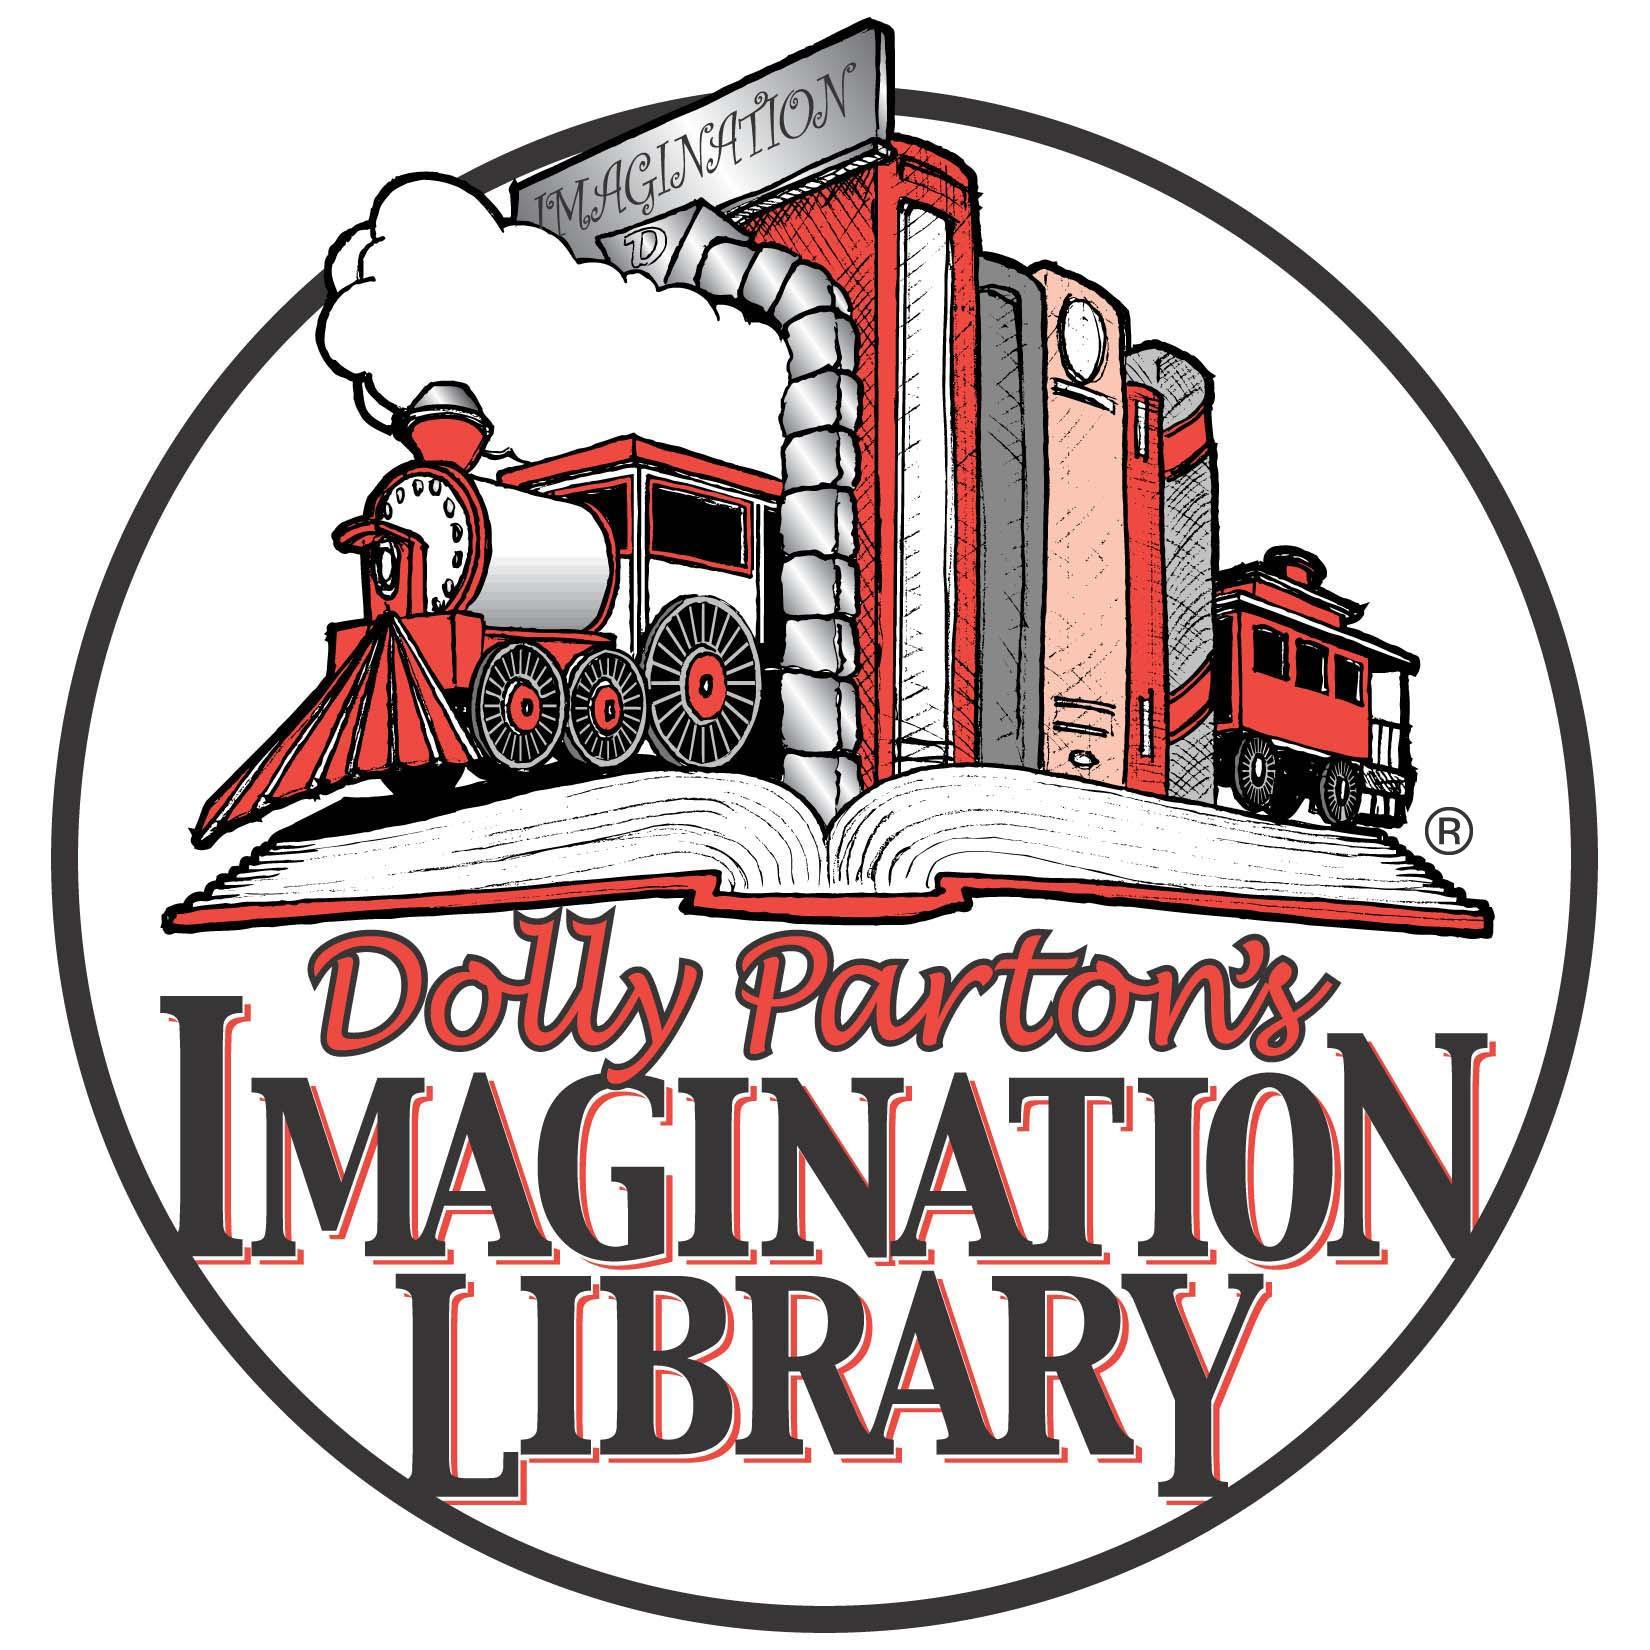 dolly_logos-ilibrary